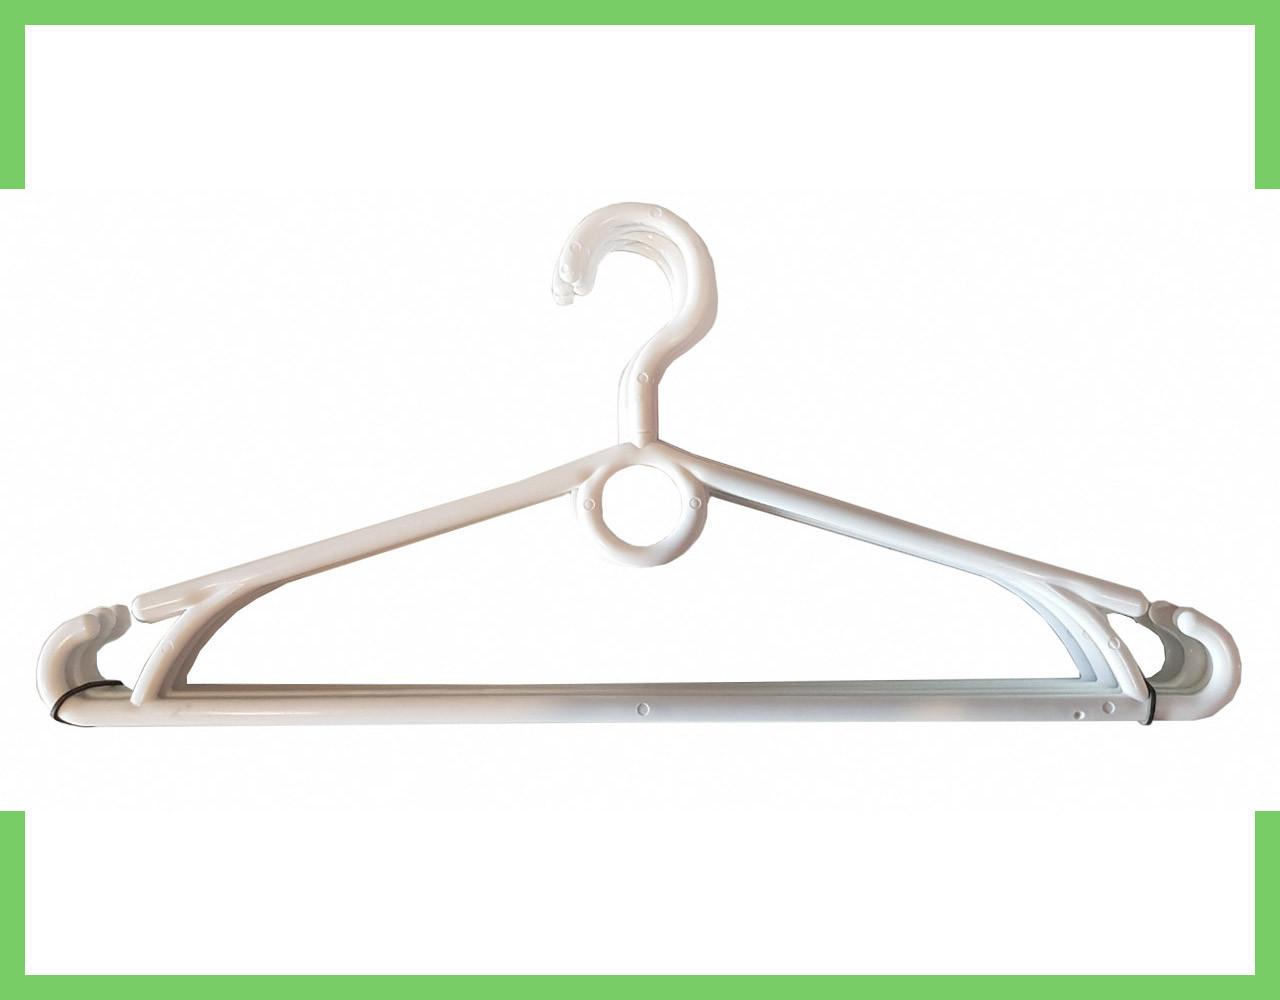 Вешалка плечики пластмассовые для одежды Польша 40 см (Белая)